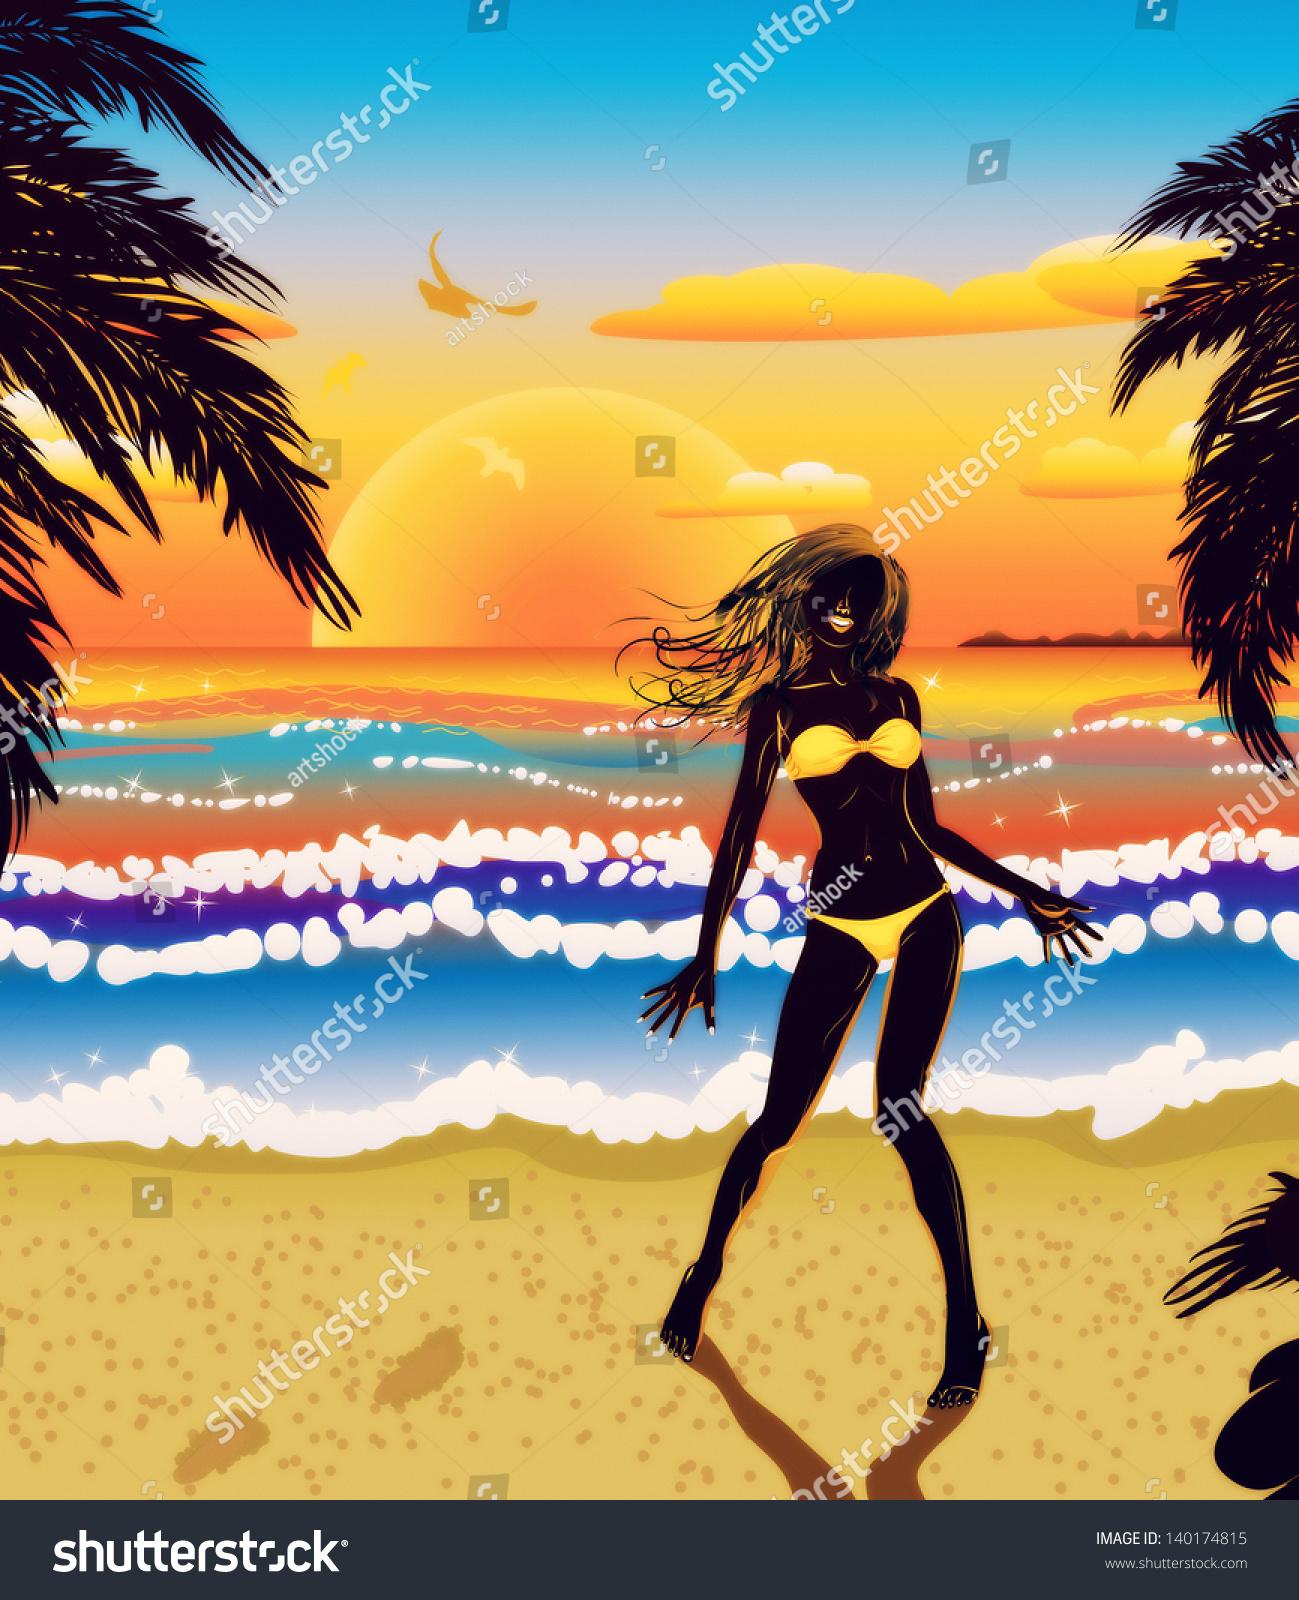 Woman Silhouette In Yellow Bikini On Tropical Beach At